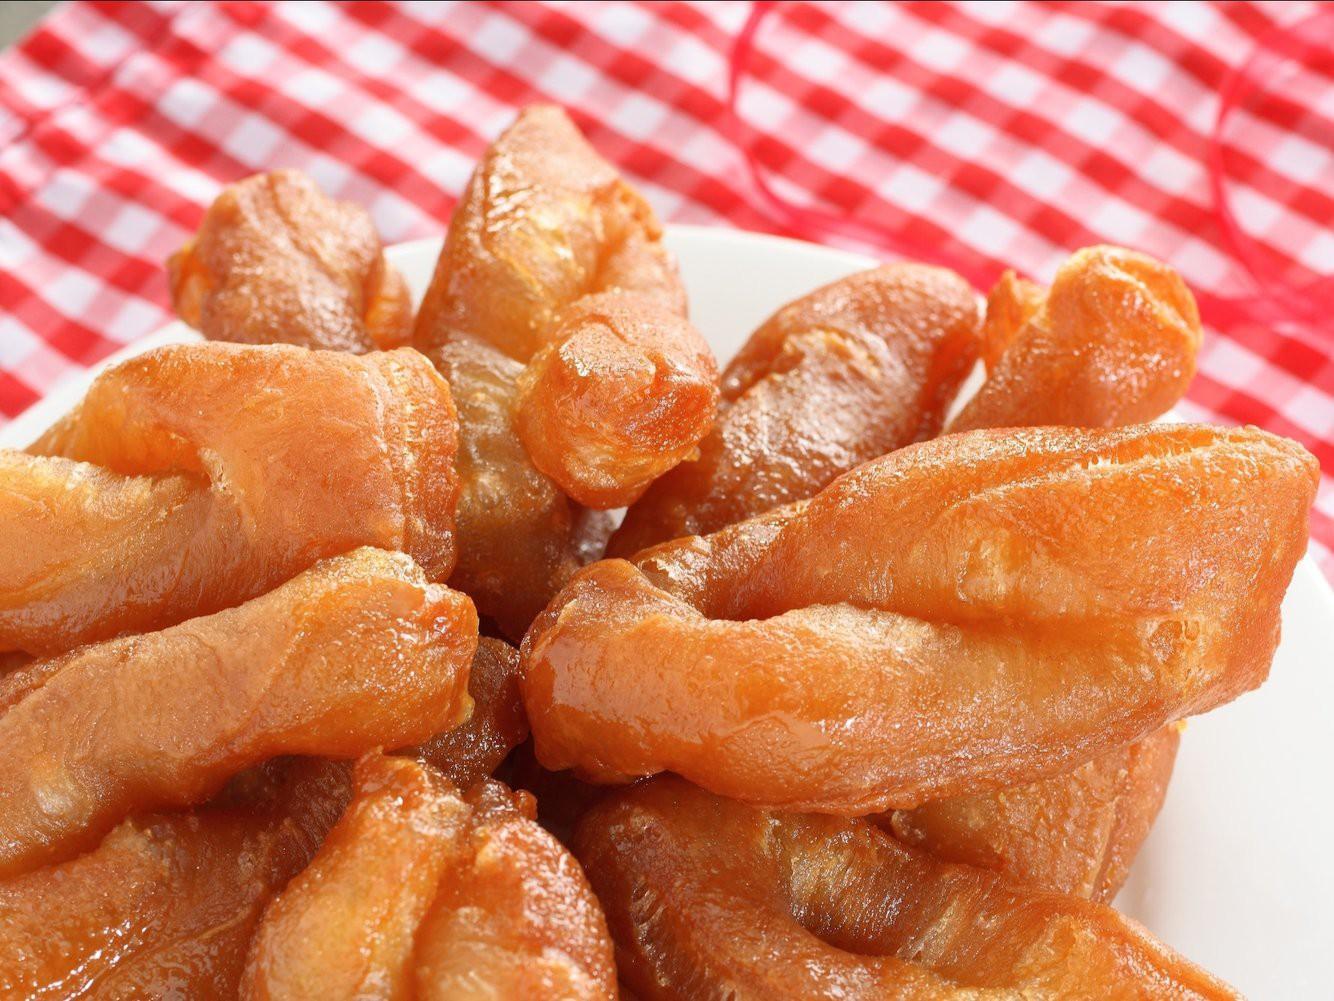 Chu du thế giới với 24 loại bánh tráng miệng hấp dẫn chỉ cần nhìn là muốn ăn ngay - Ảnh 21.